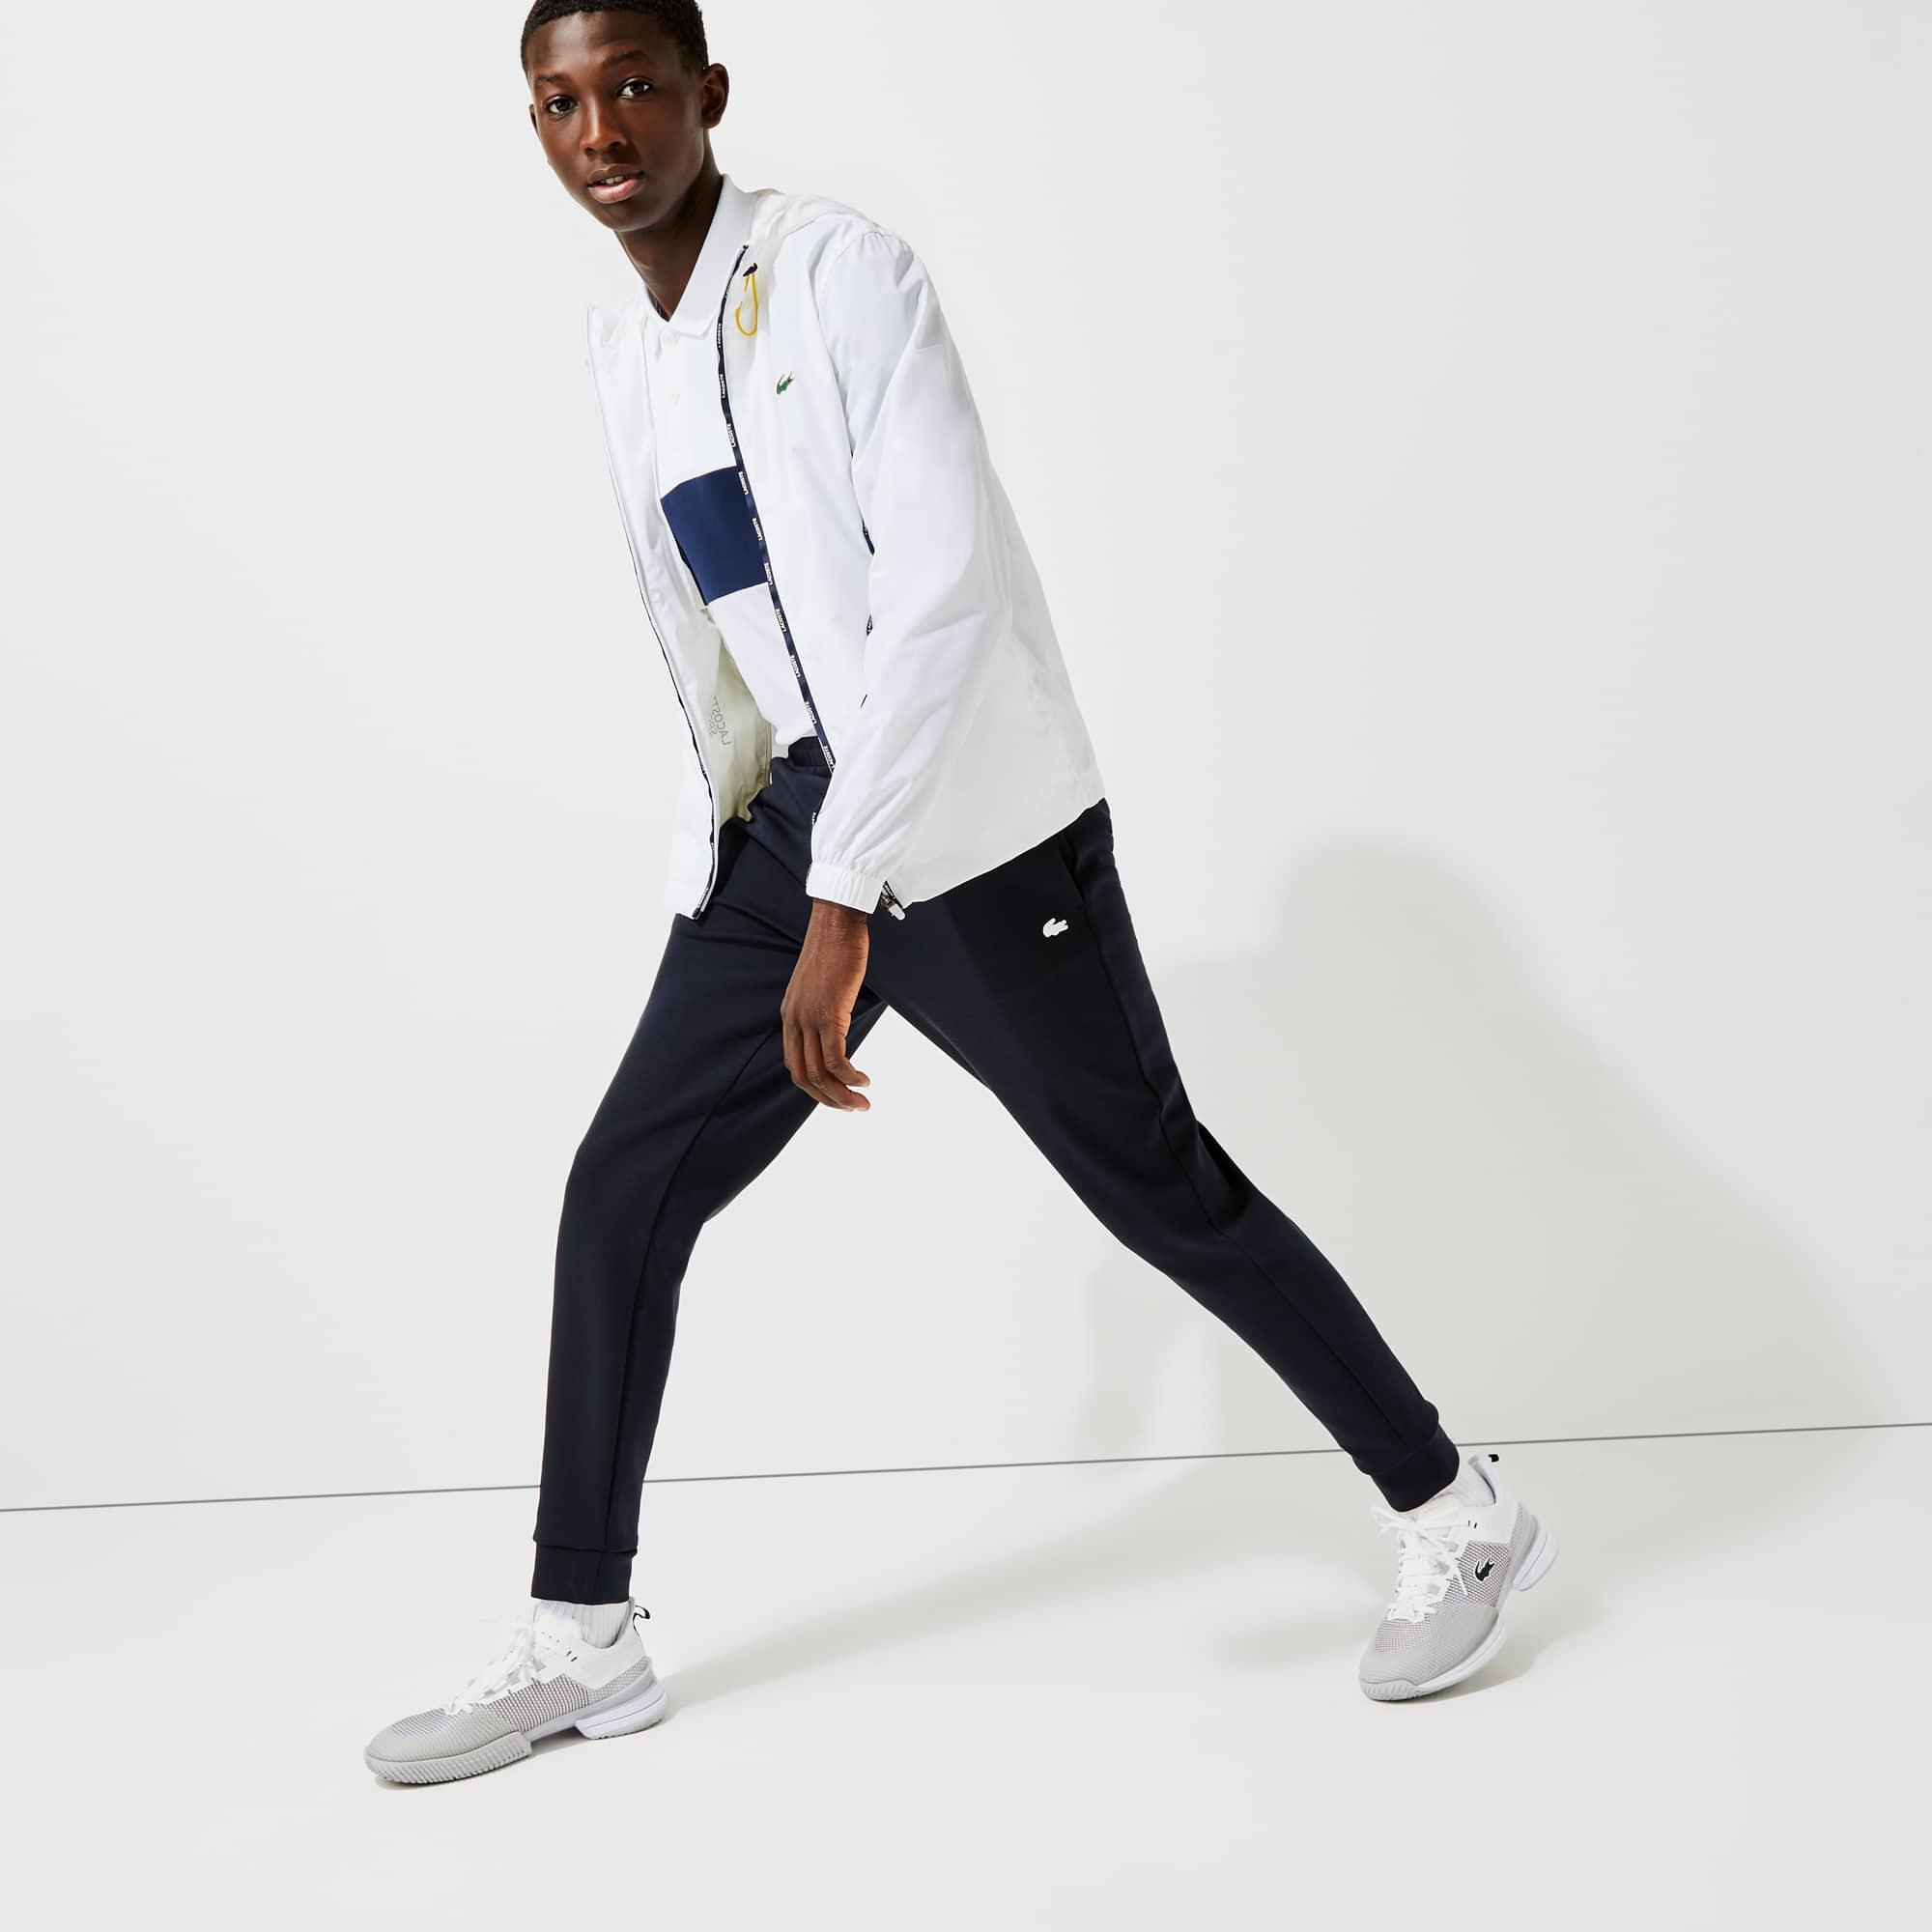 라코스테 맨 조거 팬츠 Lacoste Mens Cotton Blend Jogging Pants